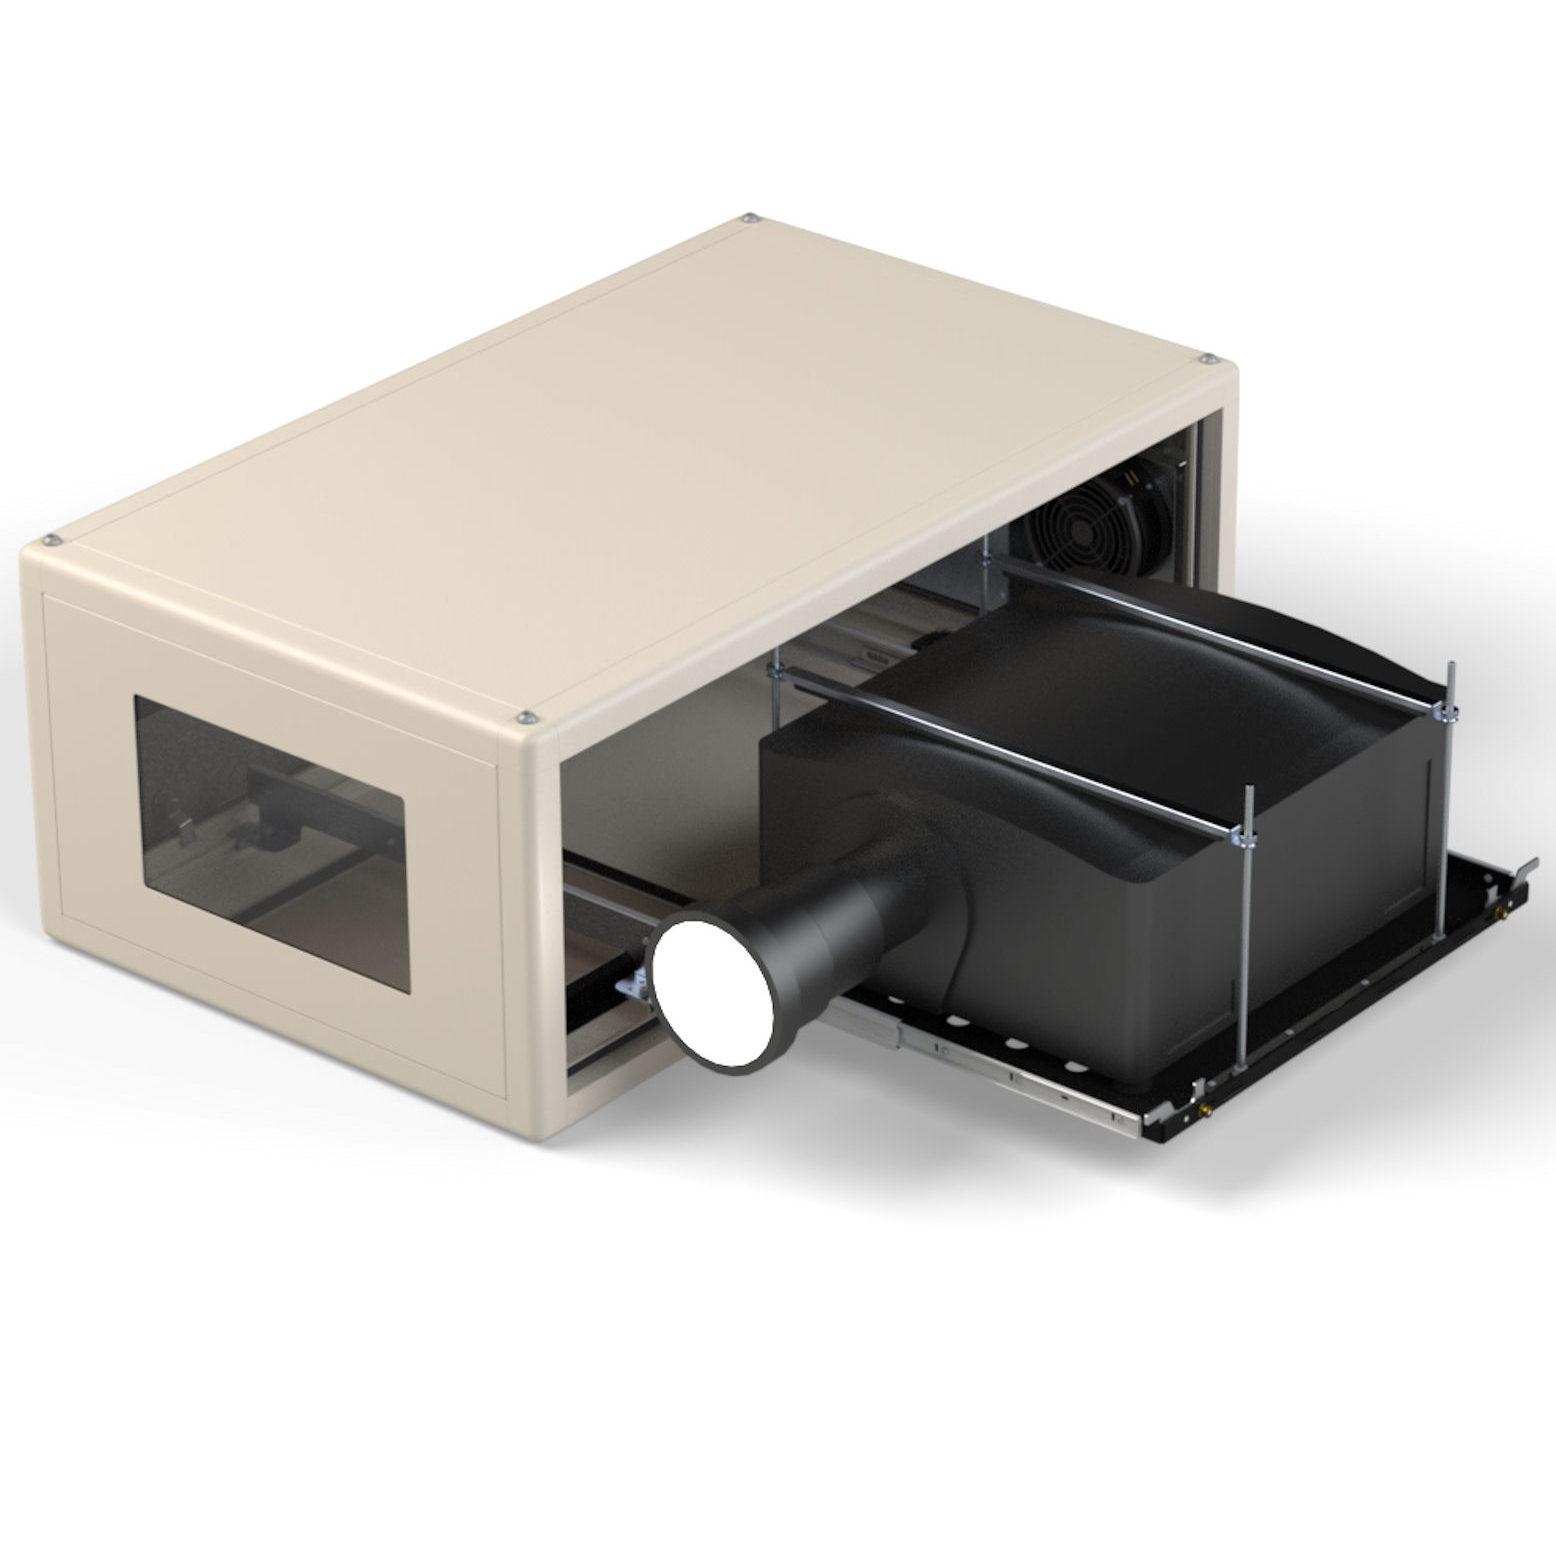 あらゆる気候タイプに対応するブリザード屋外エンクロージャー:プロジェクター3,000〜15,000ルーメン向けのフル仕様のプロフェッショナルプロジェクターハウジング。